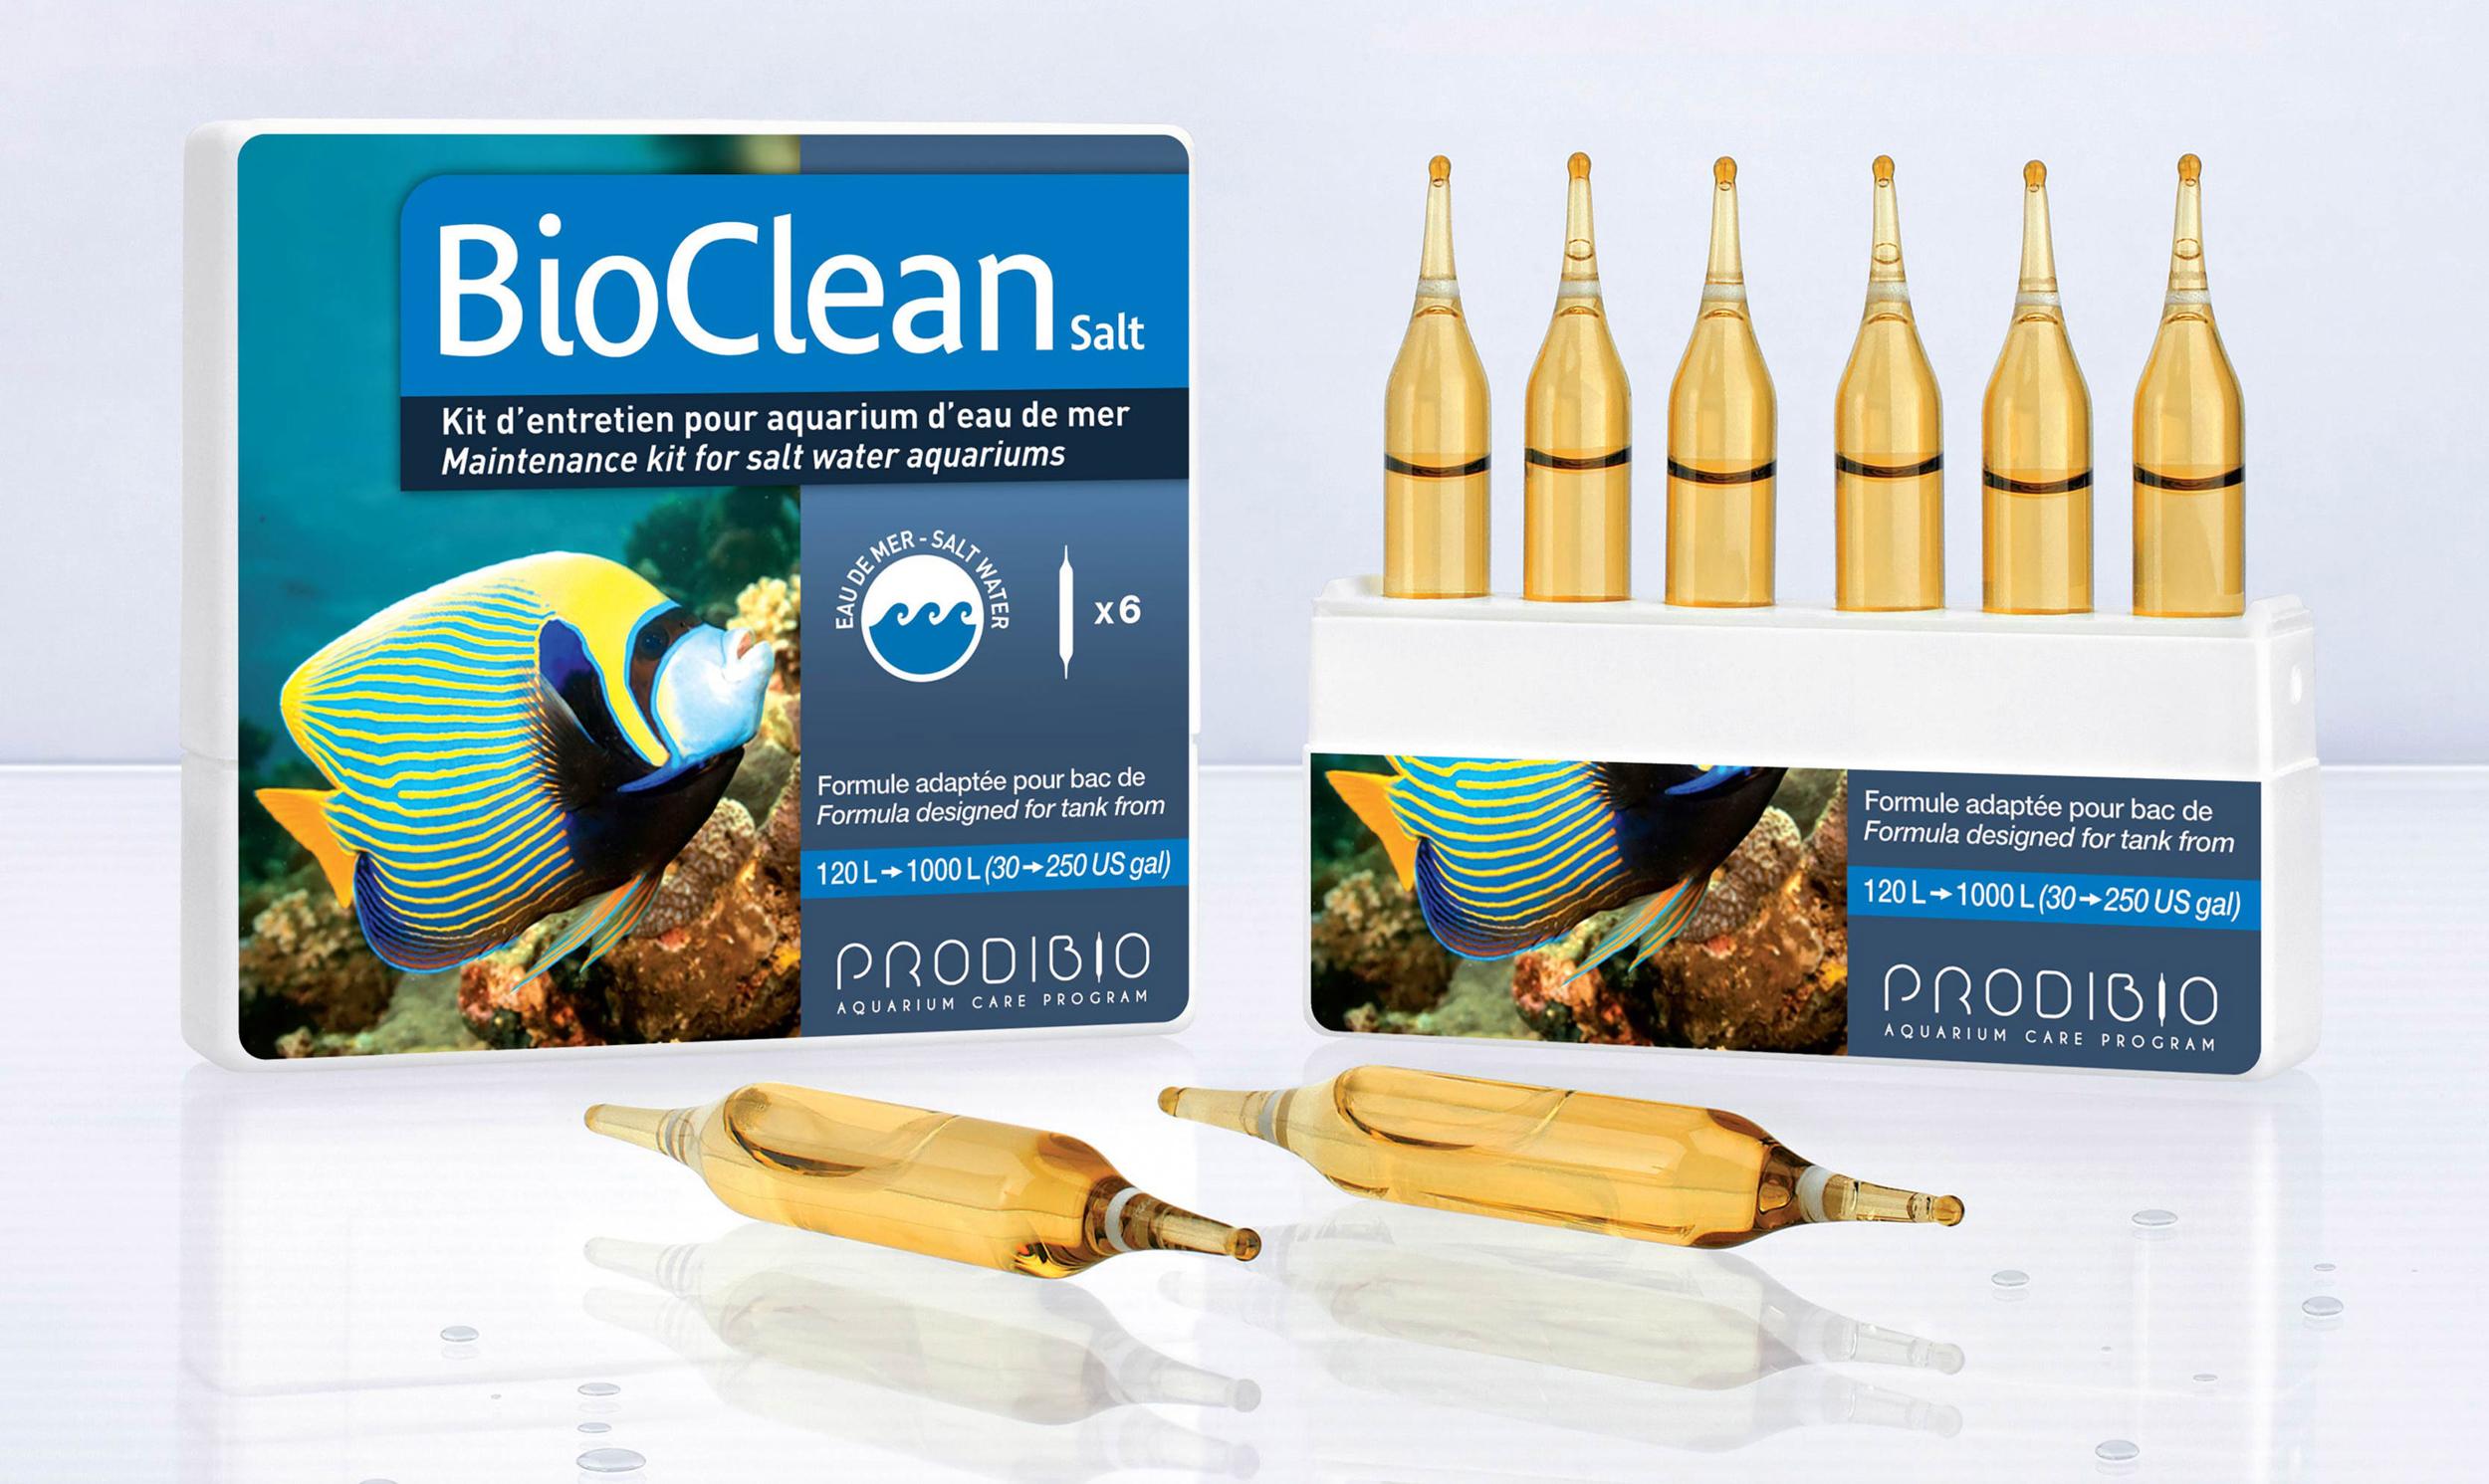 PRODIBIO BioClean Salt 6 ampoules nettoie l\'aquarium et élimine naturellement les algues en eau de mer. Traite jusqu\'à 1200 L